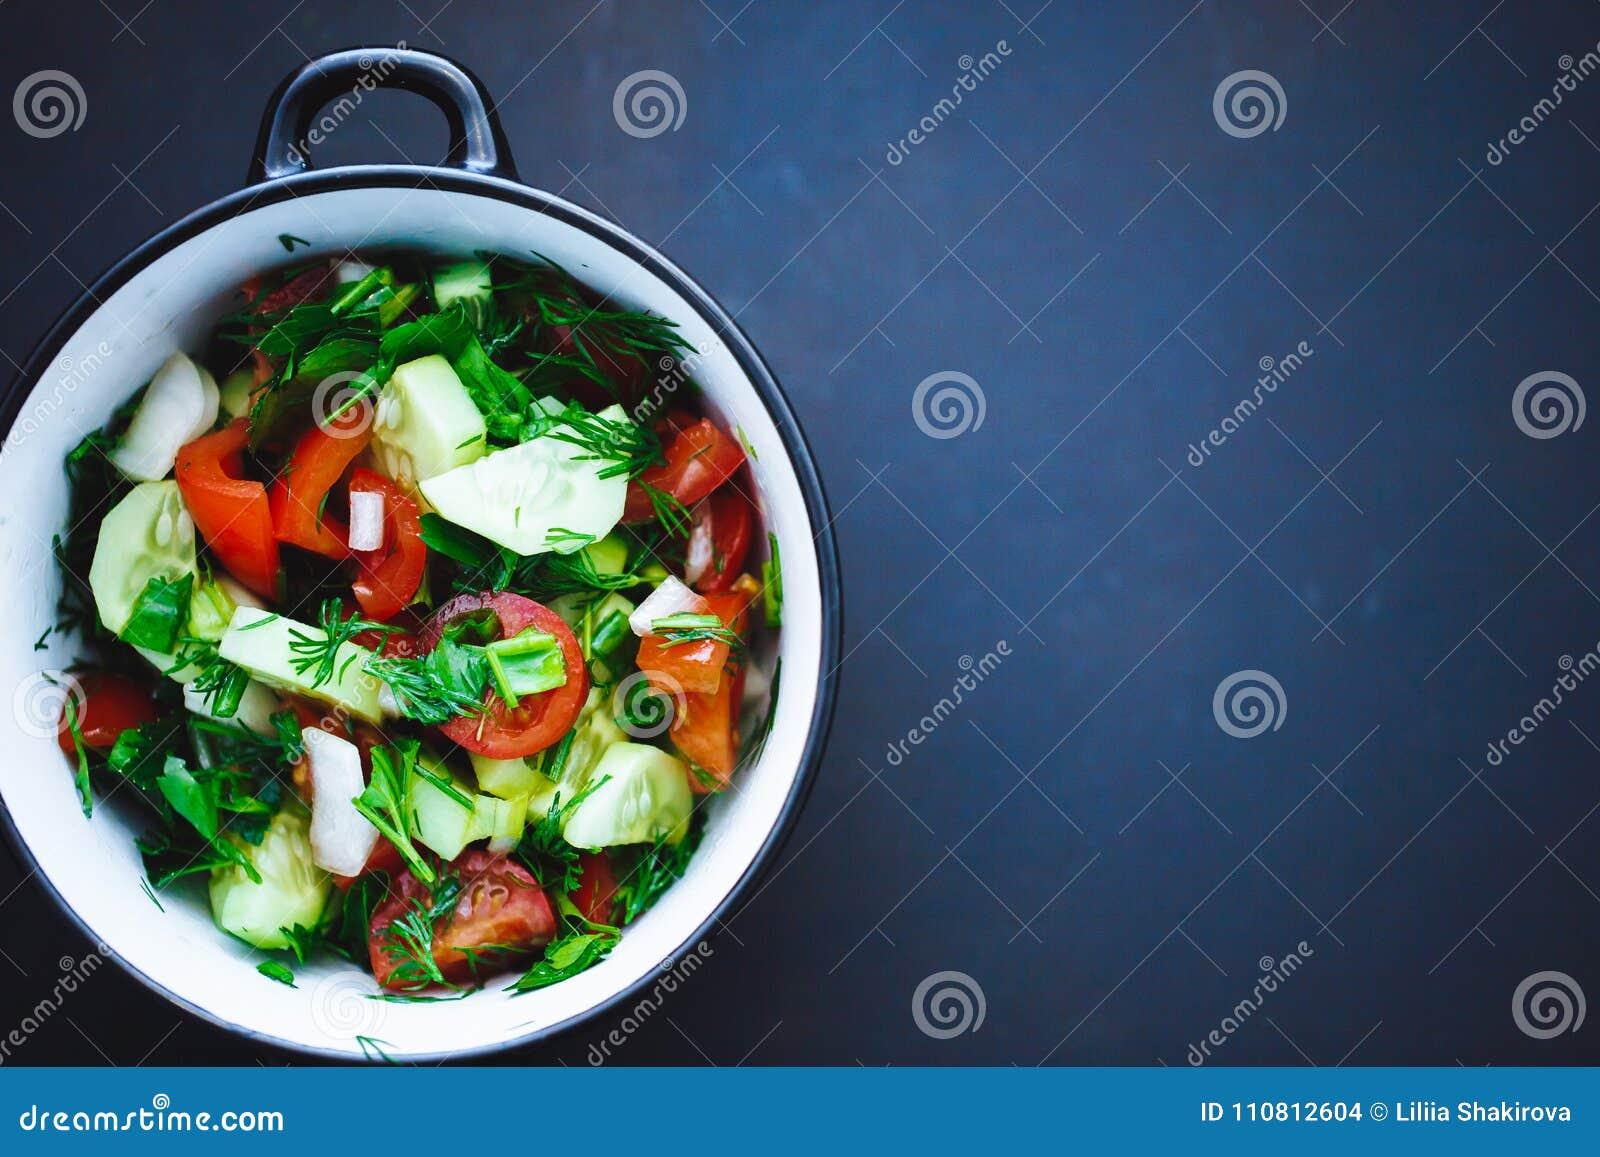 Θερινή σαλάτα των φρέσκων λαχανικών σε ένα πιάτο σε ένα μαύρο υπόβαθρο, ντομάτες, αγγούρια, άνηθος, μαϊντανός, κρεμμύδι E